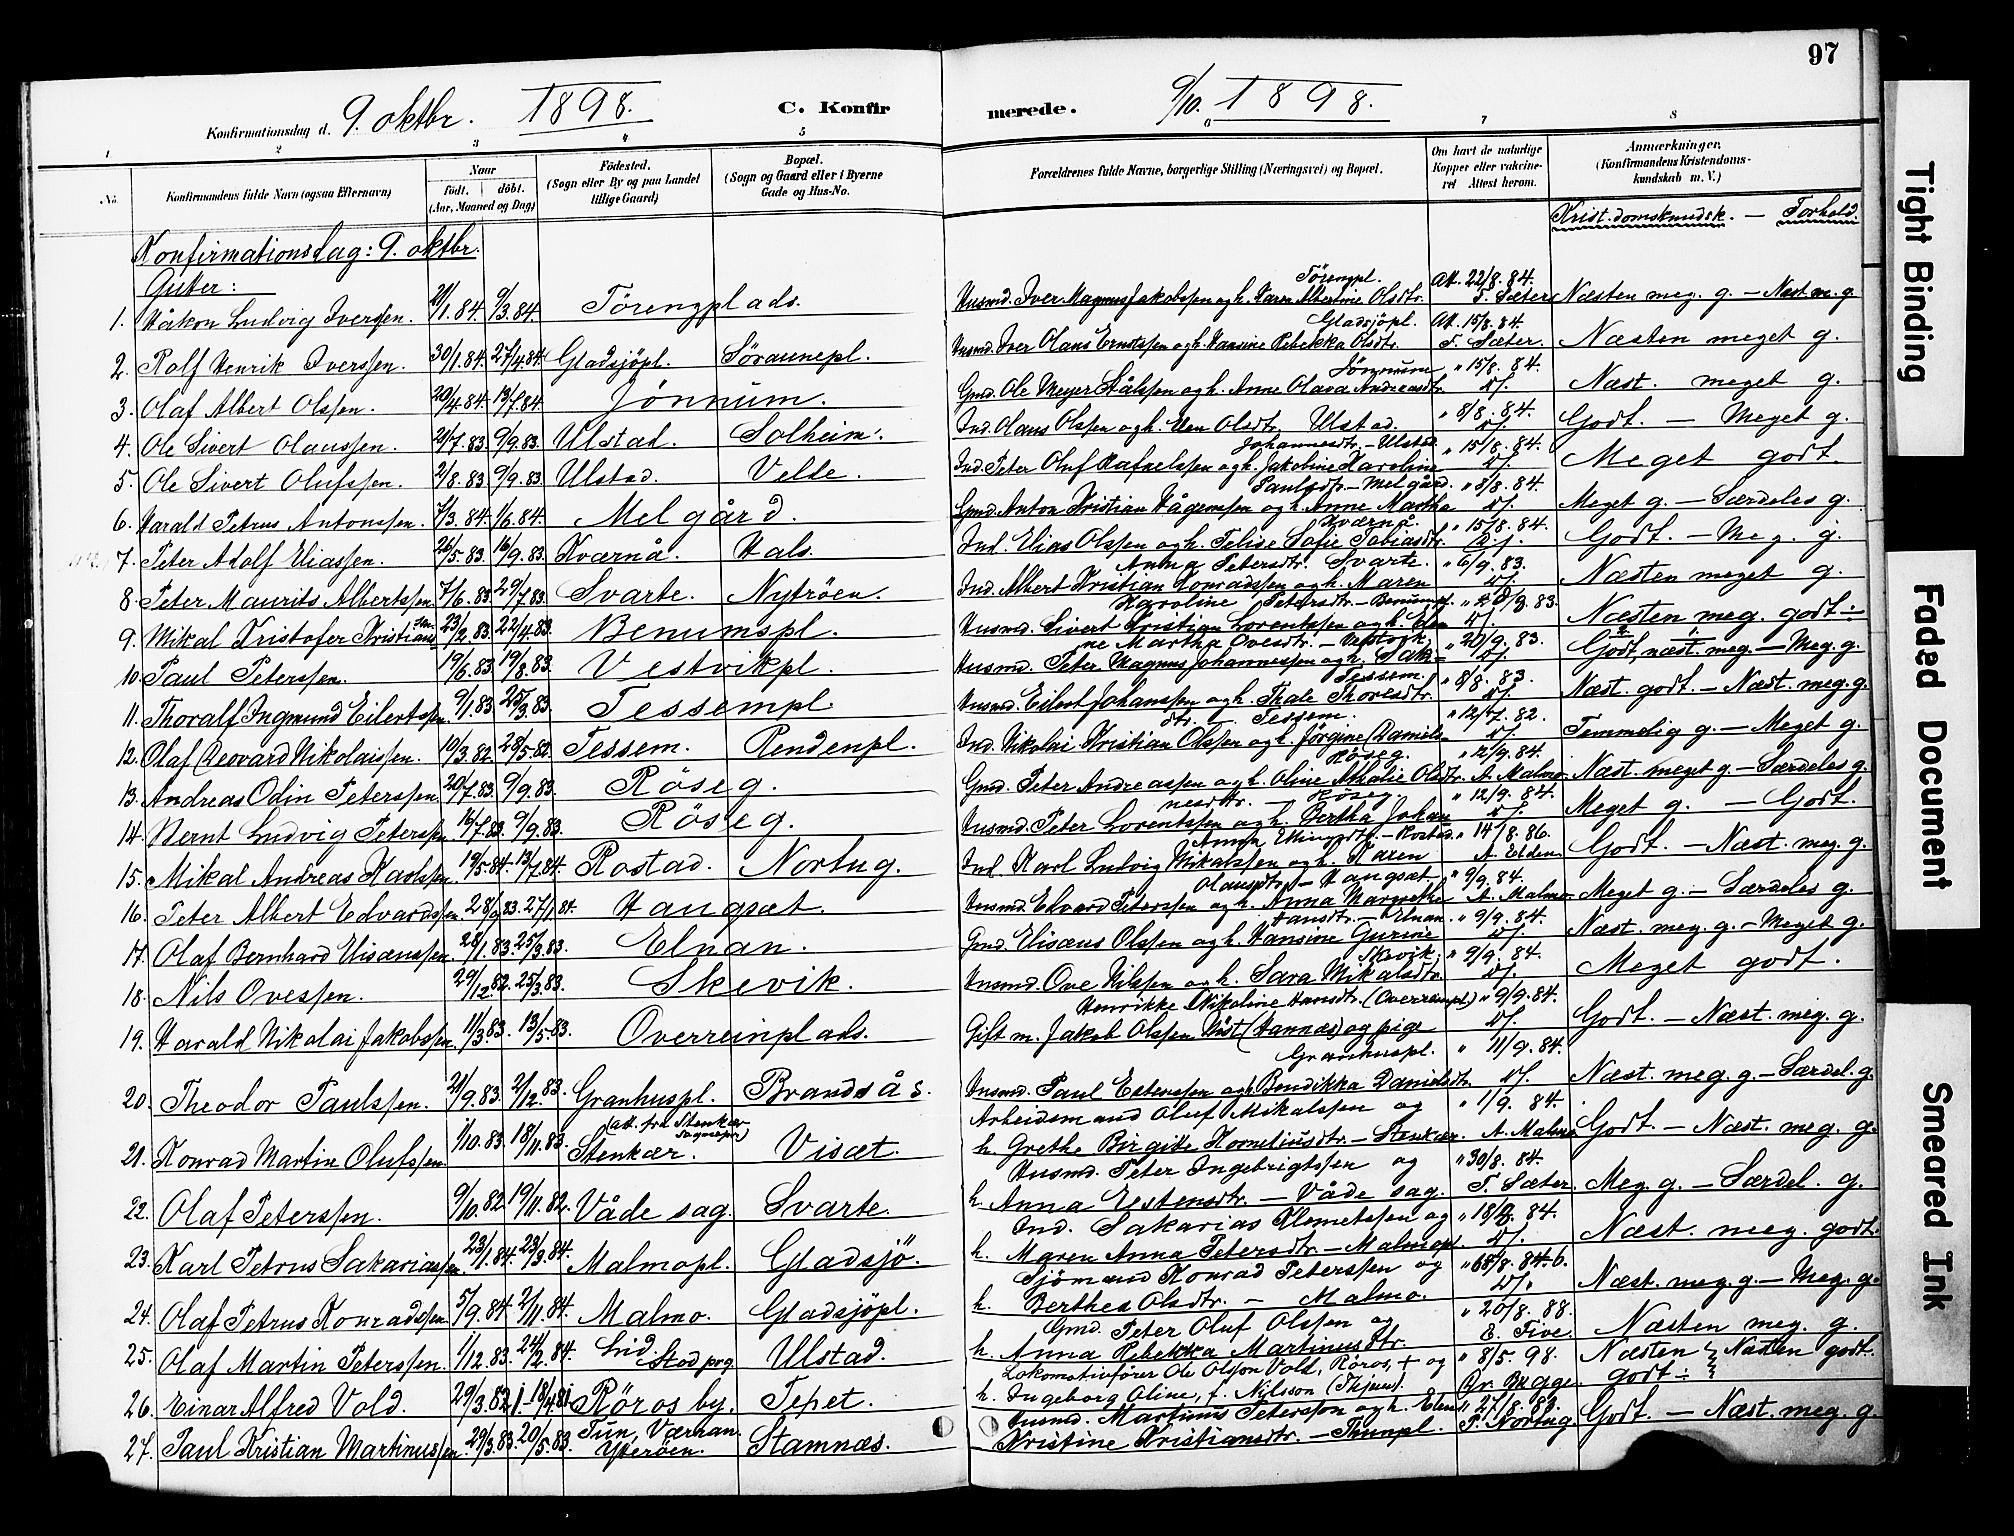 SAT, Ministerialprotokoller, klokkerbøker og fødselsregistre - Nord-Trøndelag, 741/L0396: Ministerialbok nr. 741A10, 1889-1901, s. 97